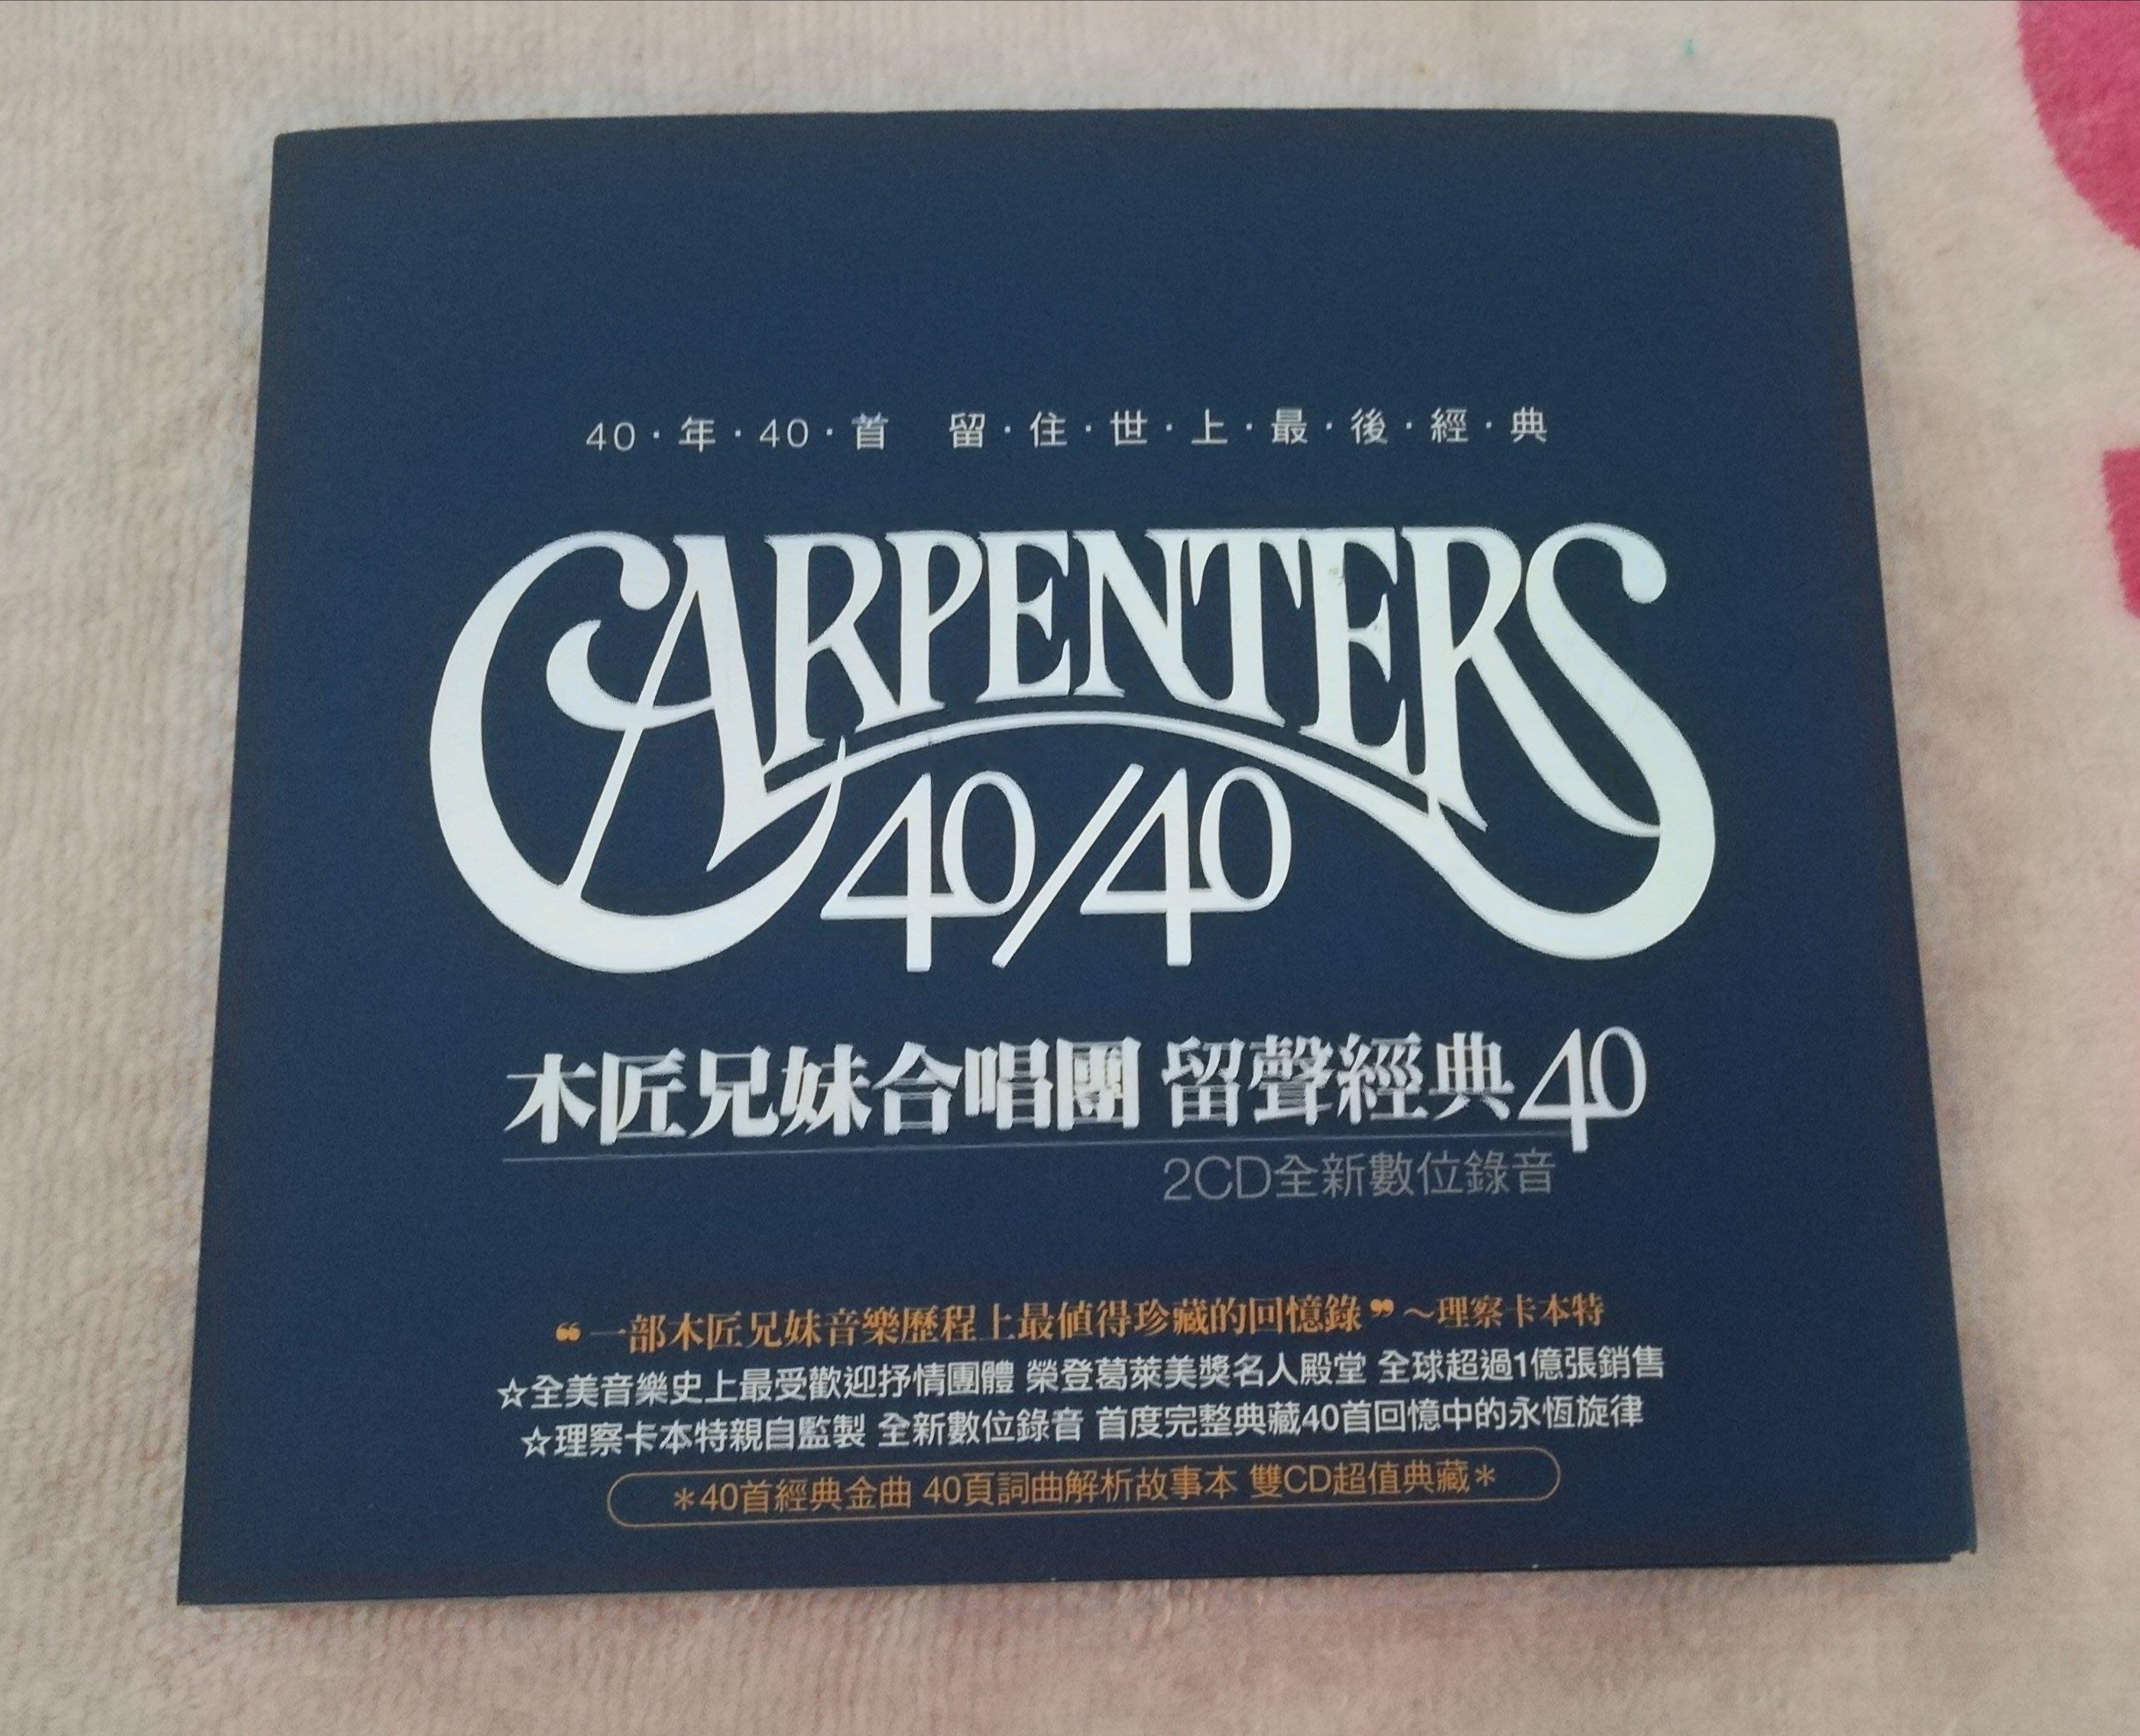 木匠兄妹合唱團留聲經典40雙CD  Carpenters 40/40